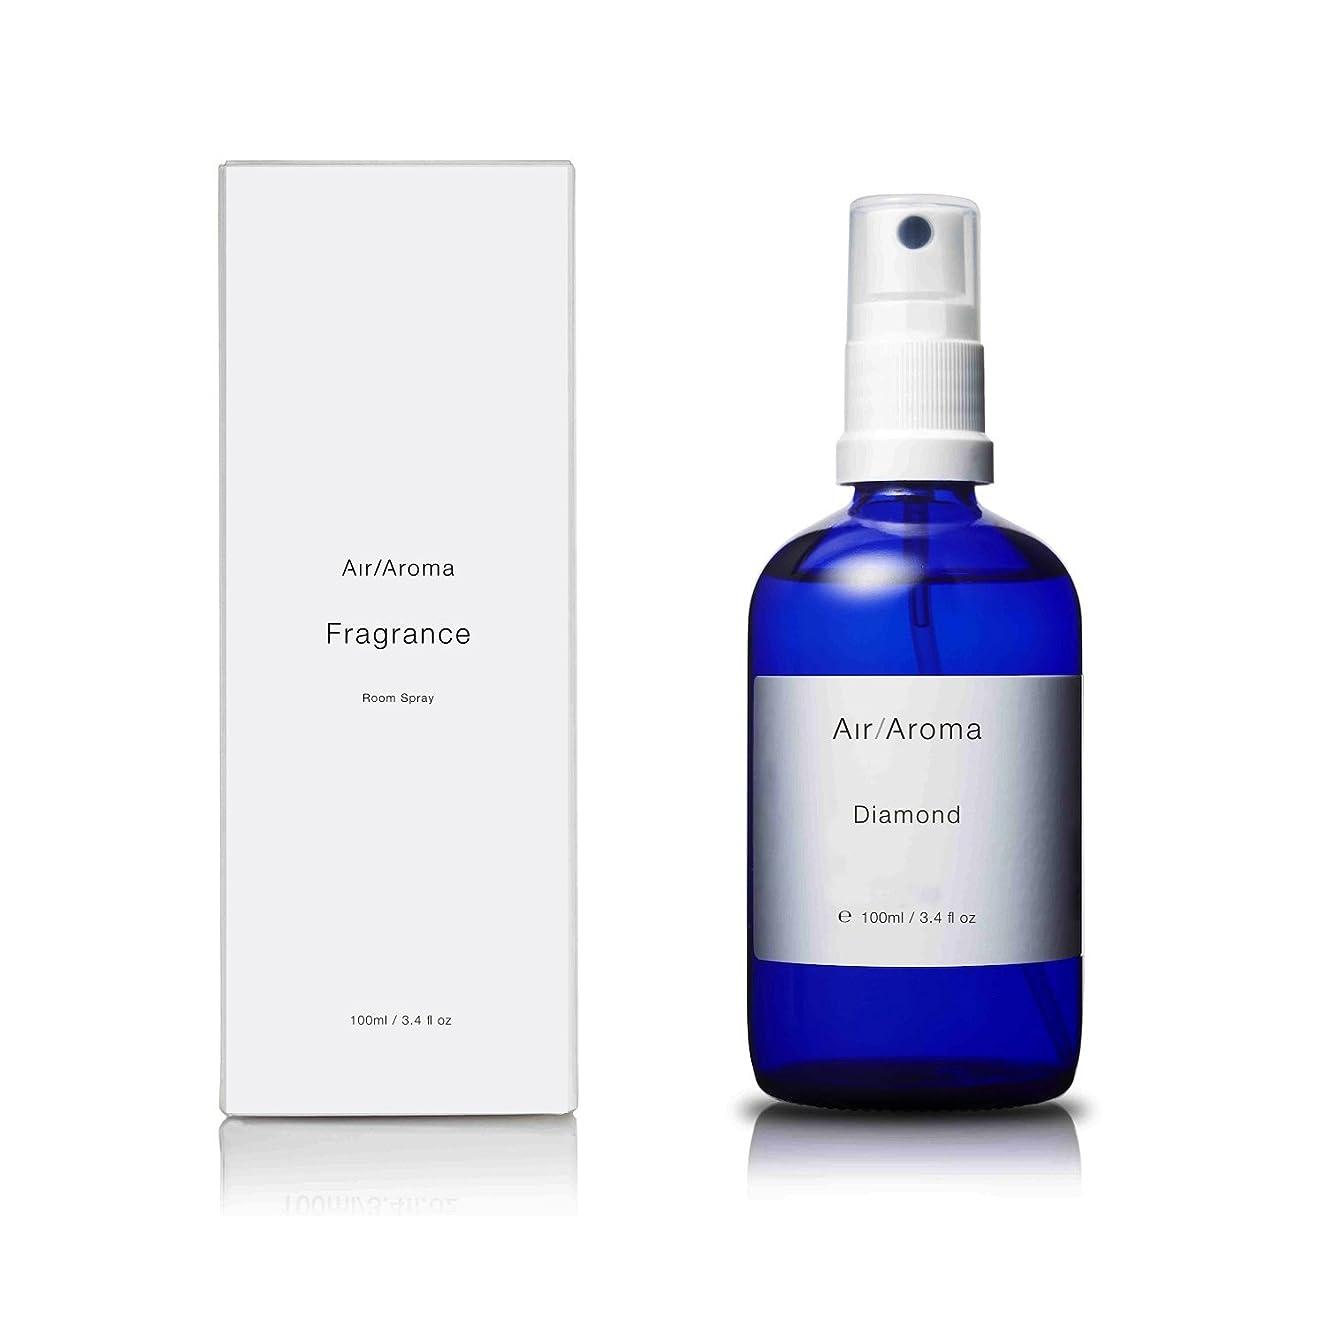 東方悪因子しなやかなエアアロマ diamond room fragrance (ダイアモンド ルームフレグランス) 100ml